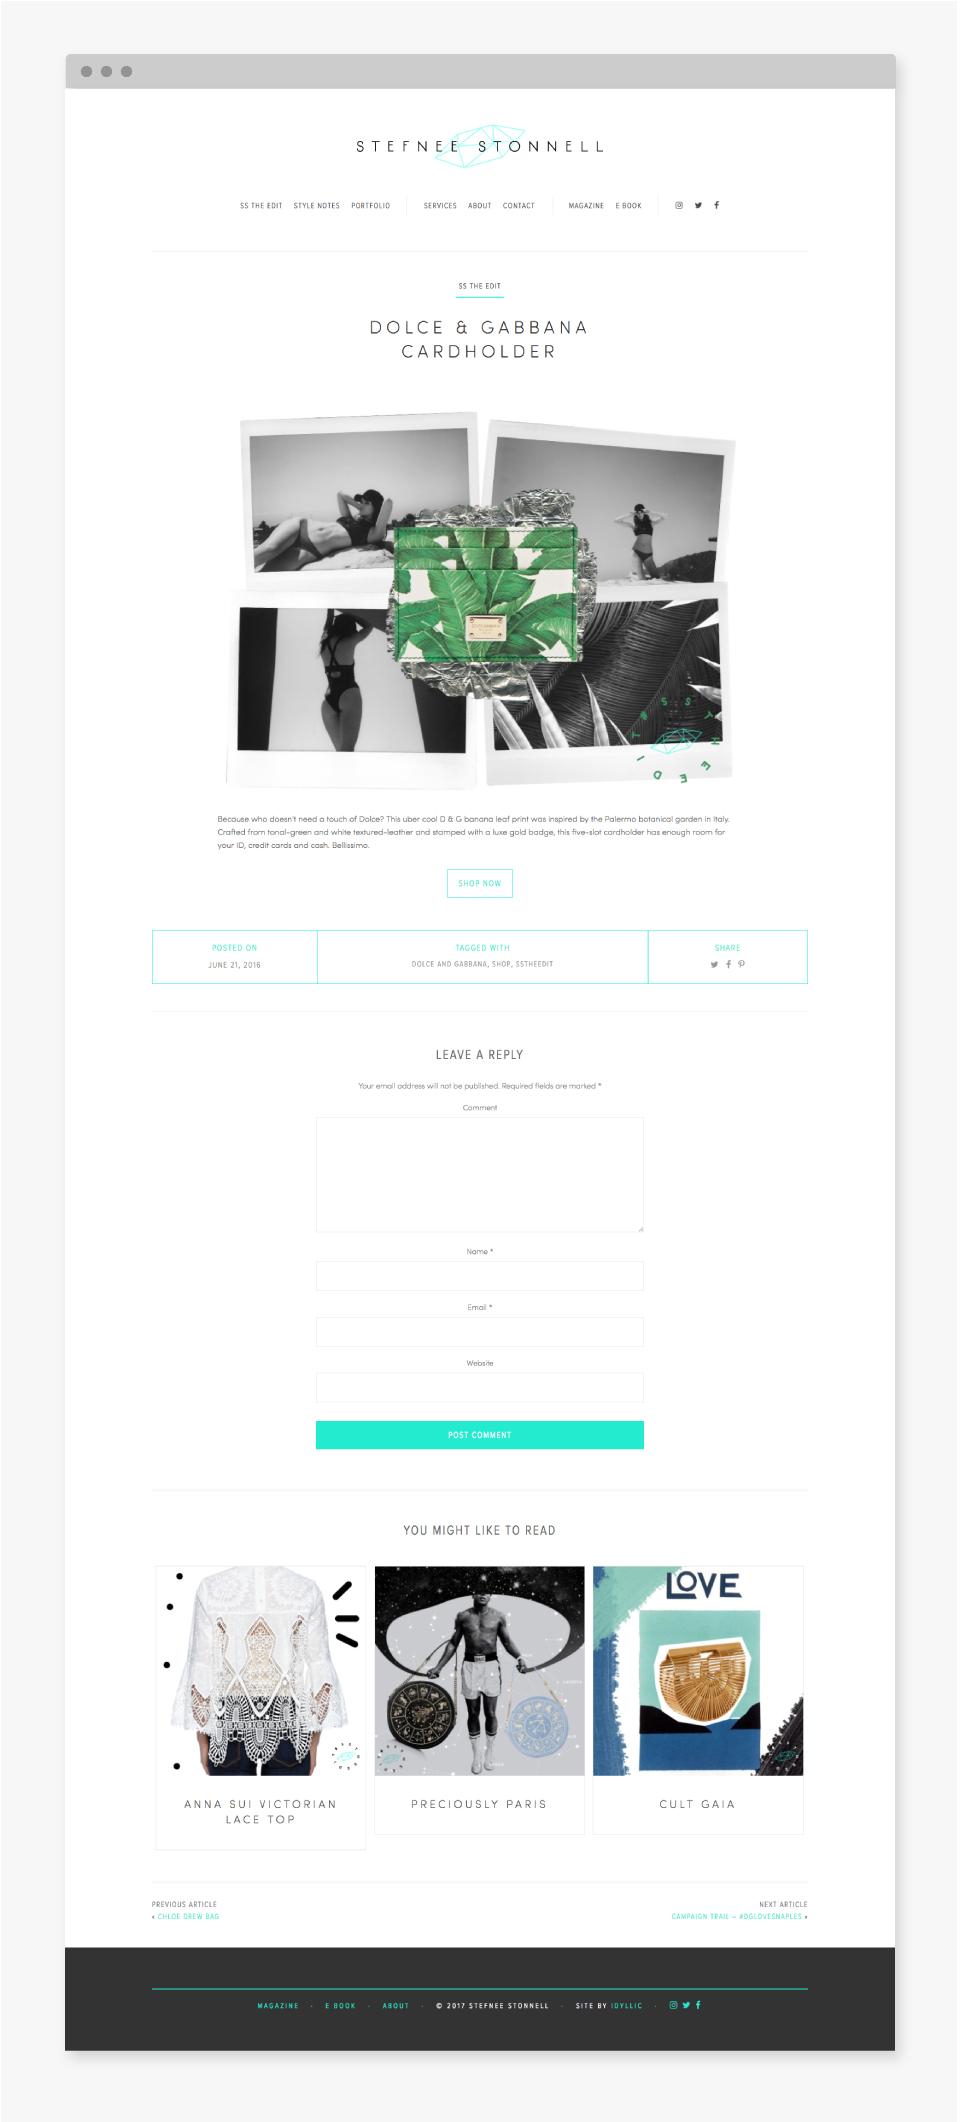 Stefnee Stonell Website - Idyllic Creative